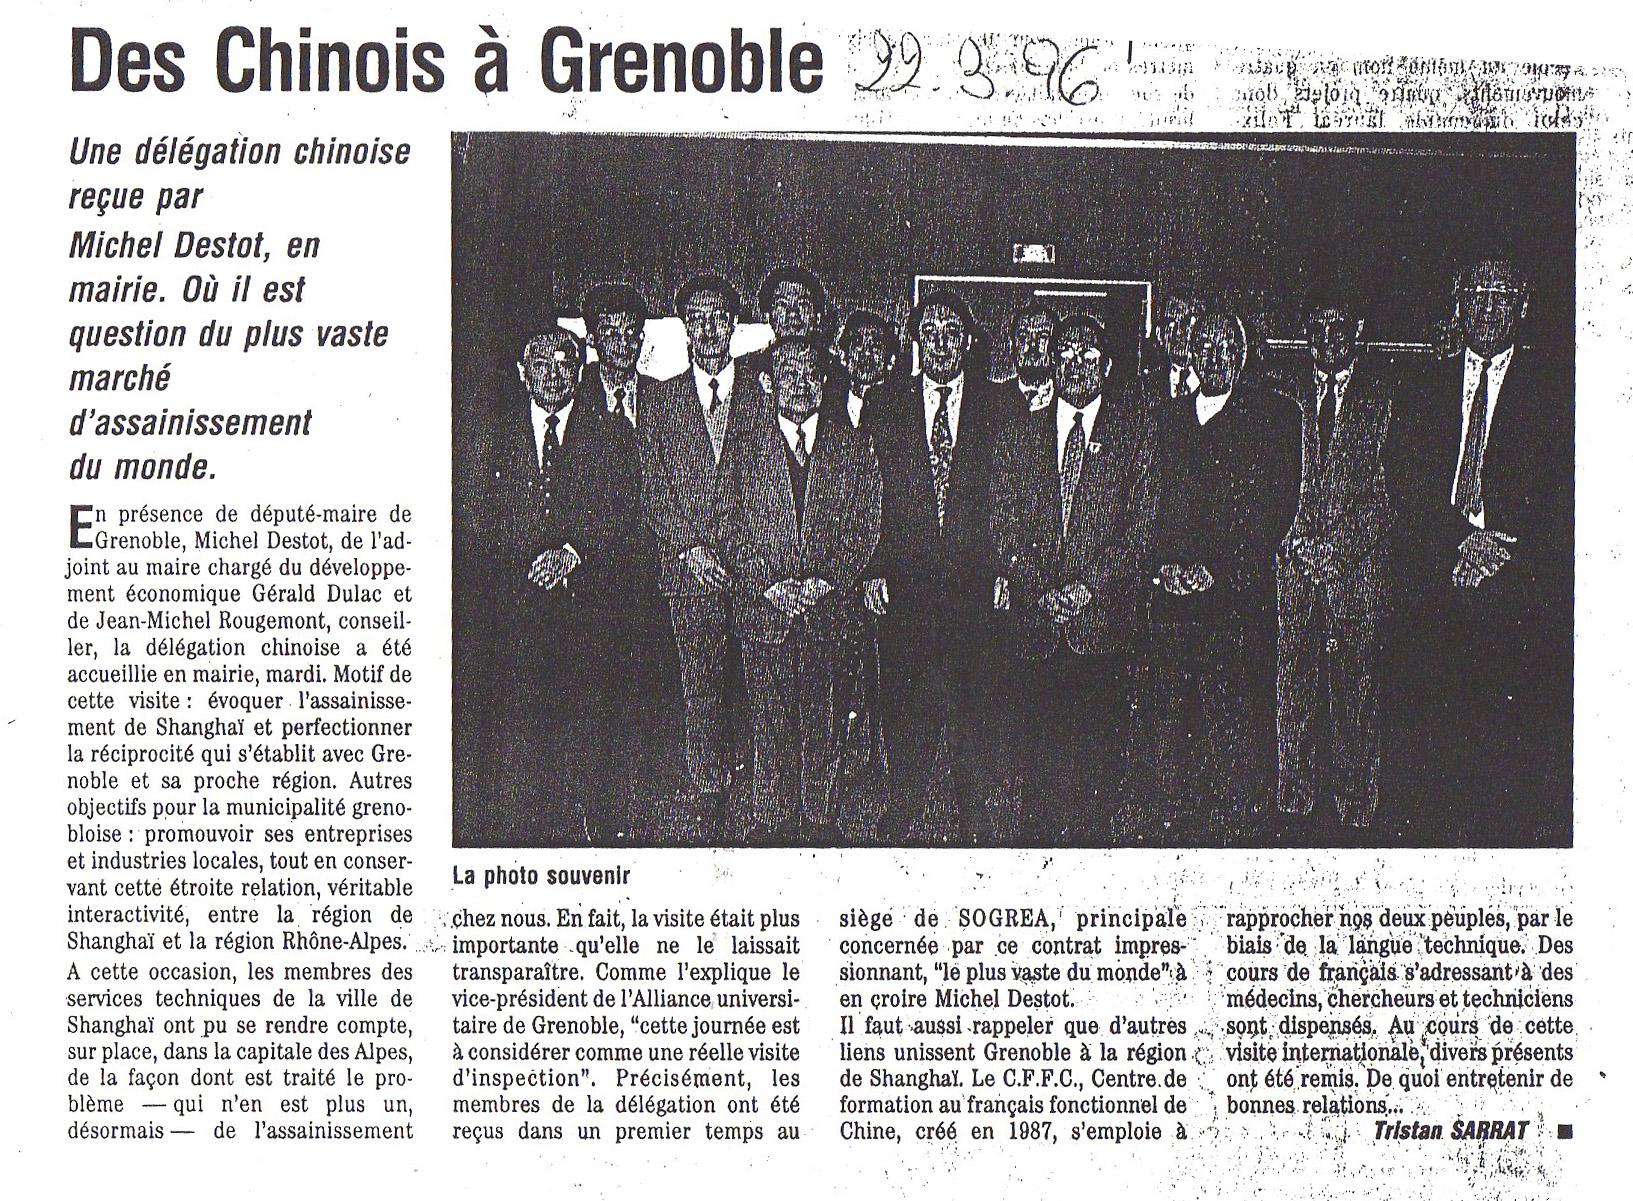 Visite chinois grenobe 22 mars 1996